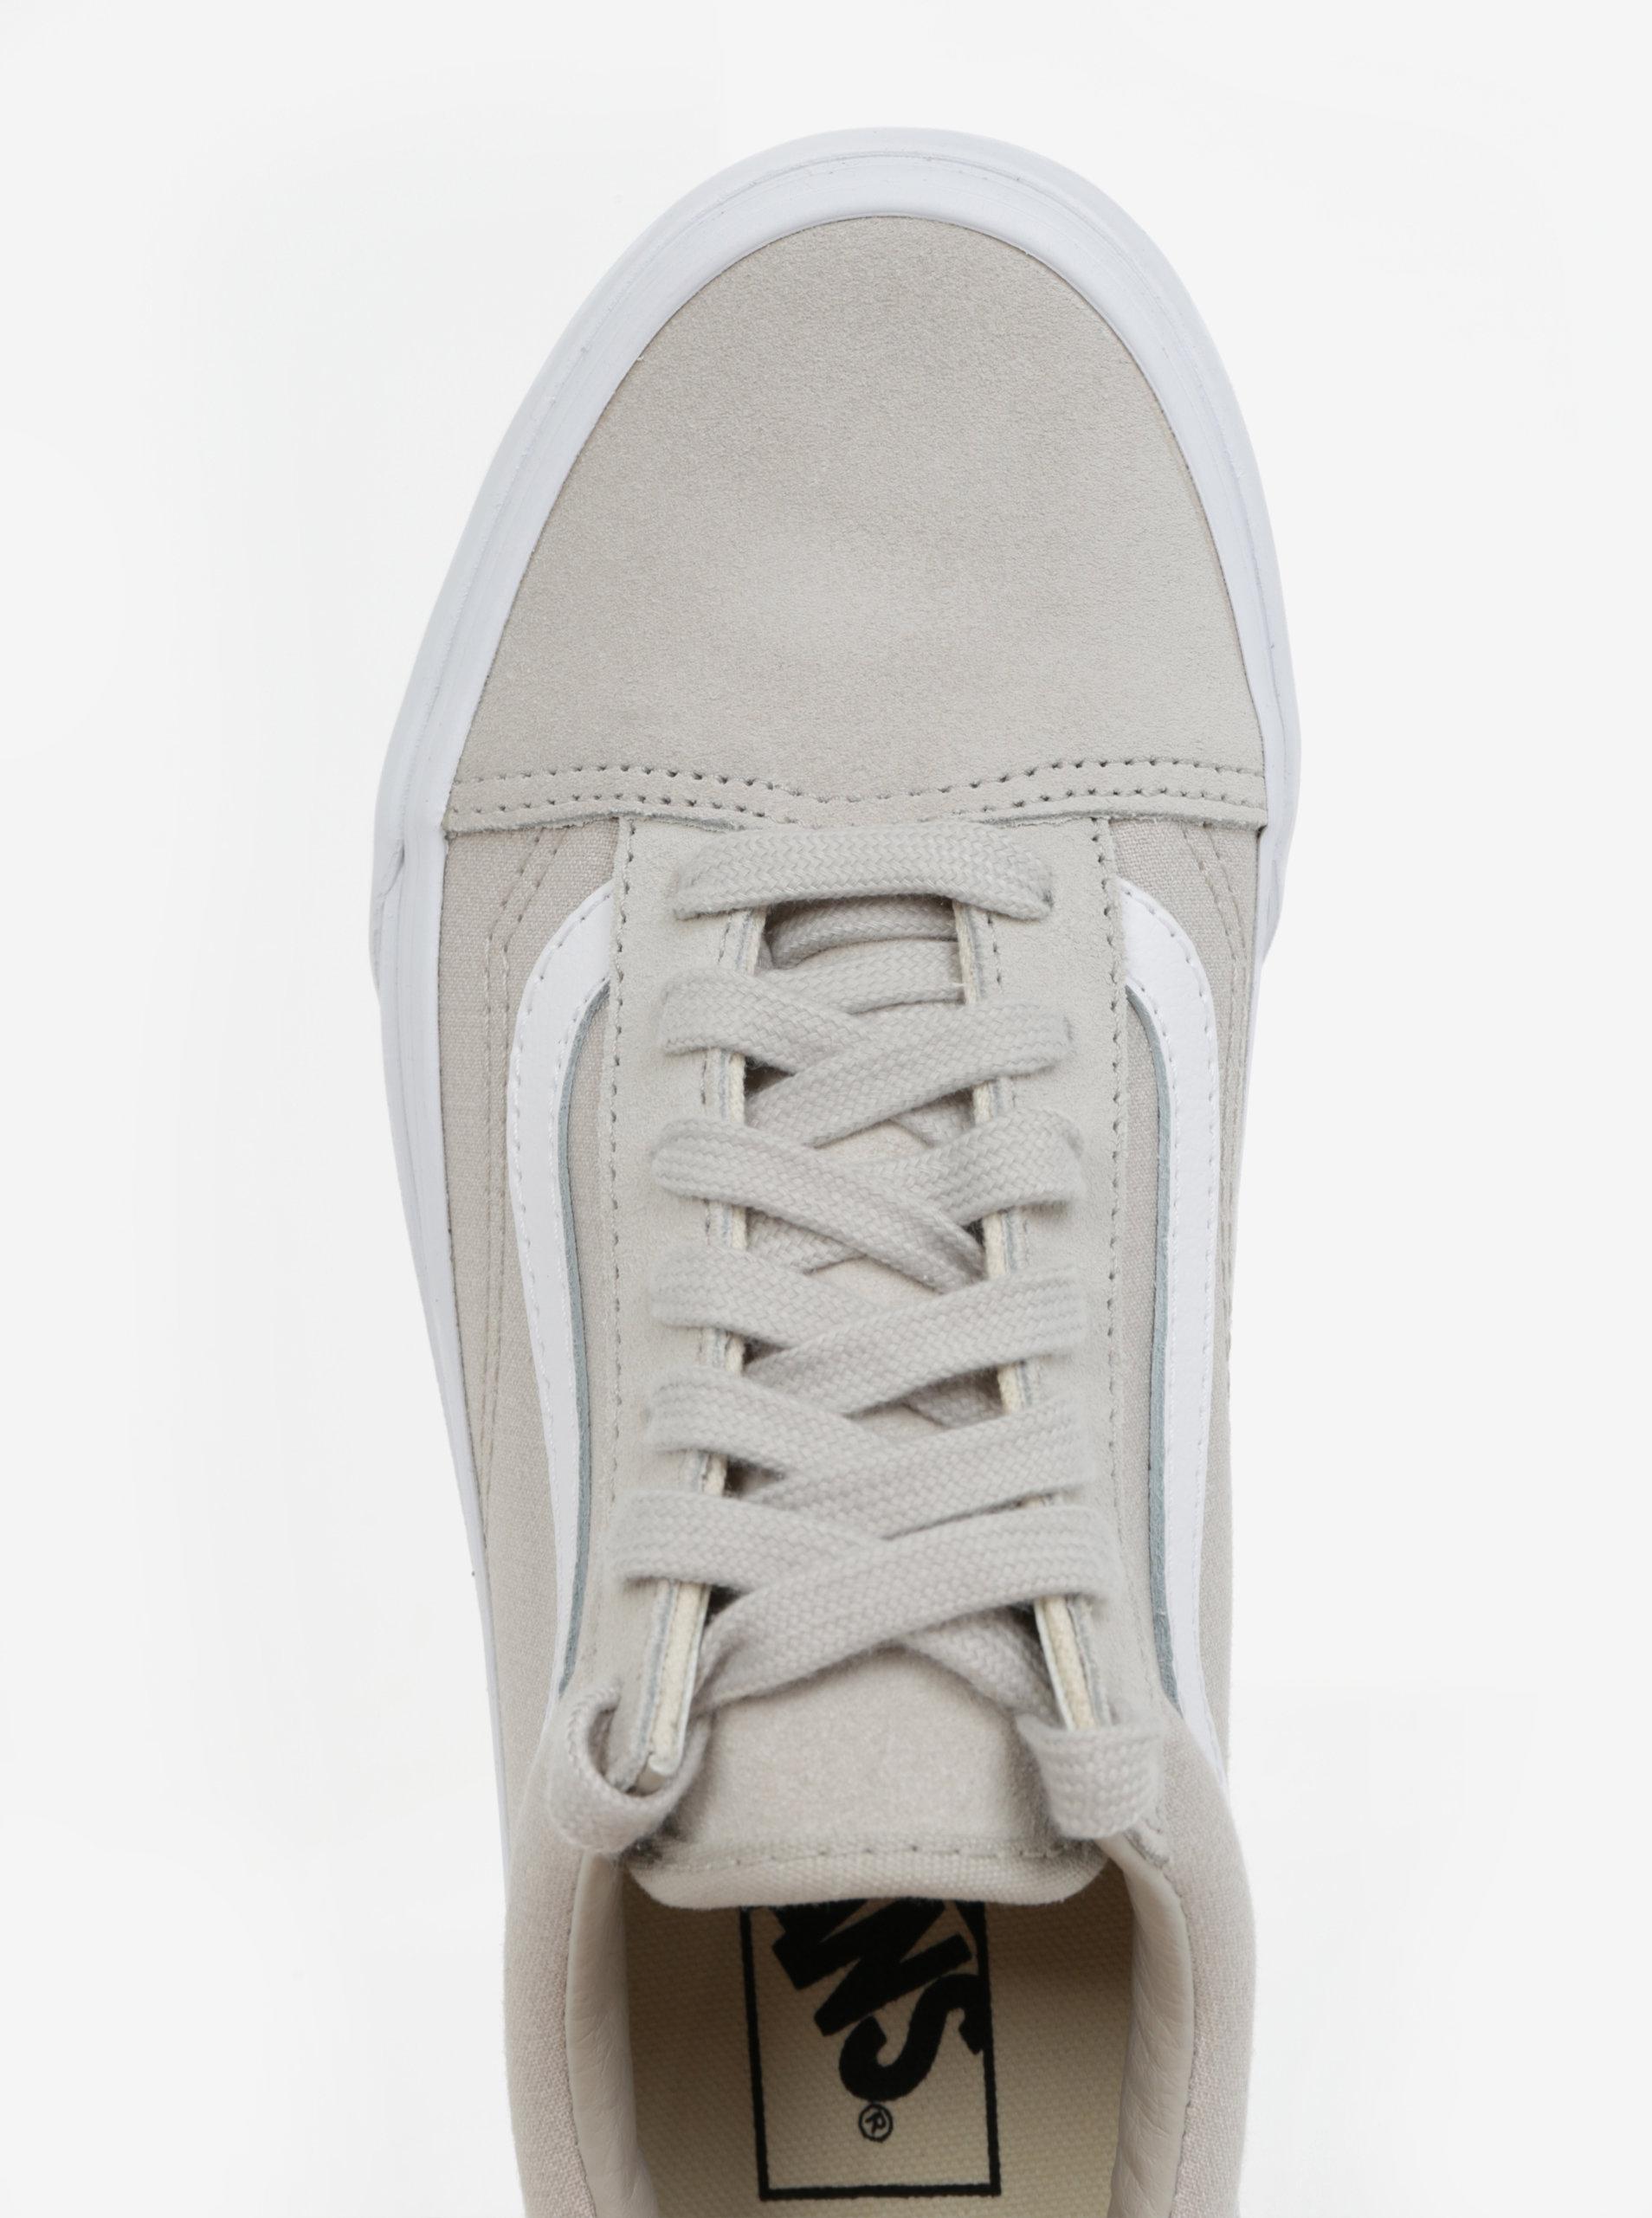 ... Světle béžové dámské tenisky se semišovými detaily VANS Old Skool ... 70ed540b51